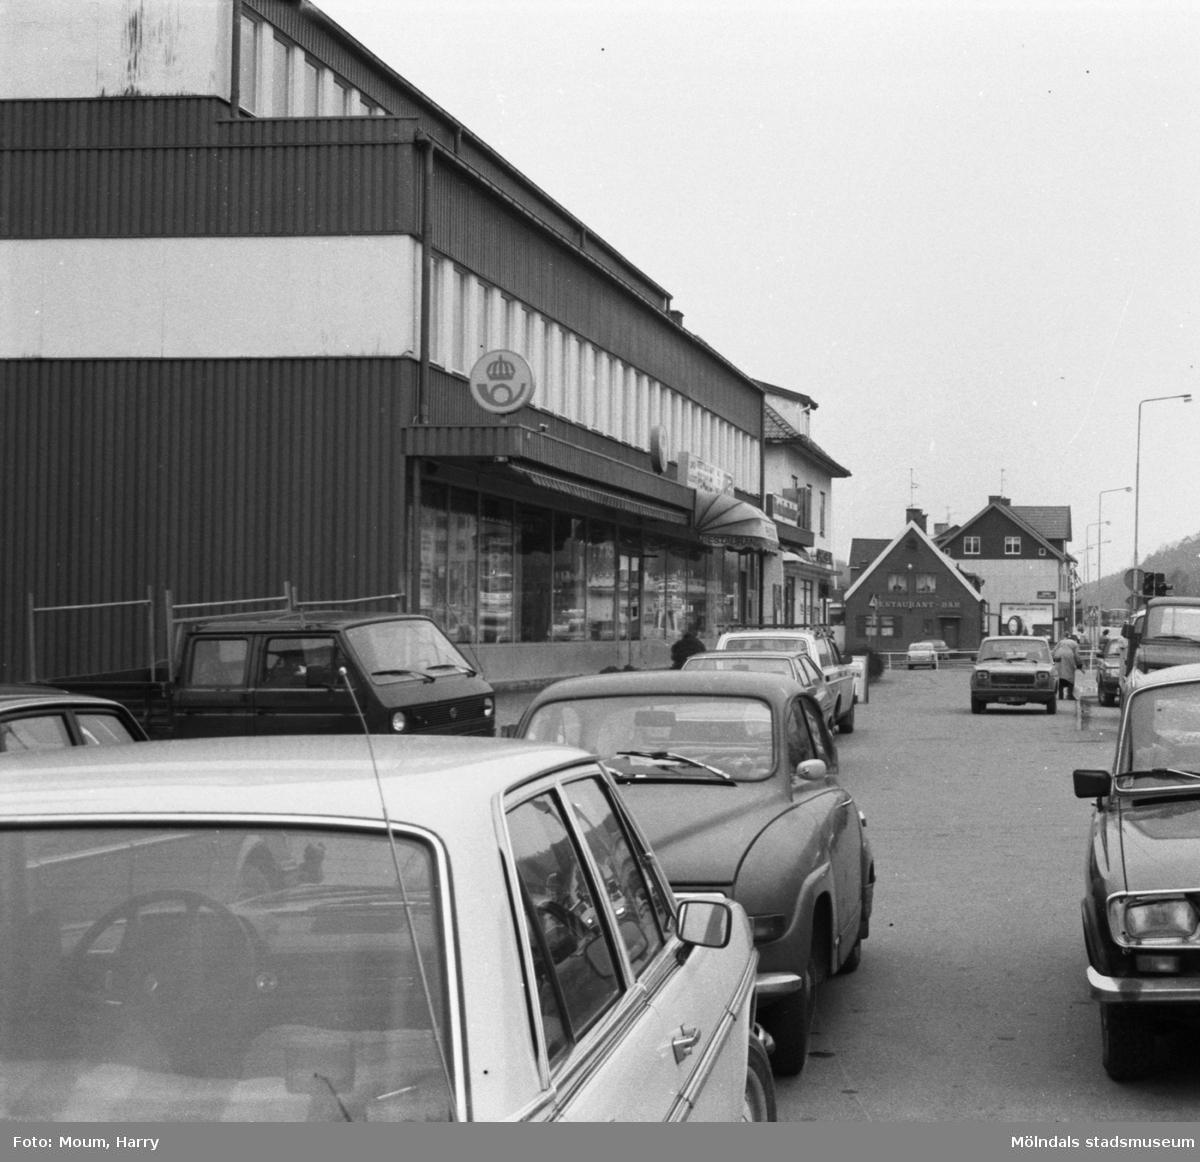 Parkerade bilar utanför posthuset vid Gamla Riksvägen i Kållereds centrum, år 1984.  För mer information om bilden se under tilläggsinformation.